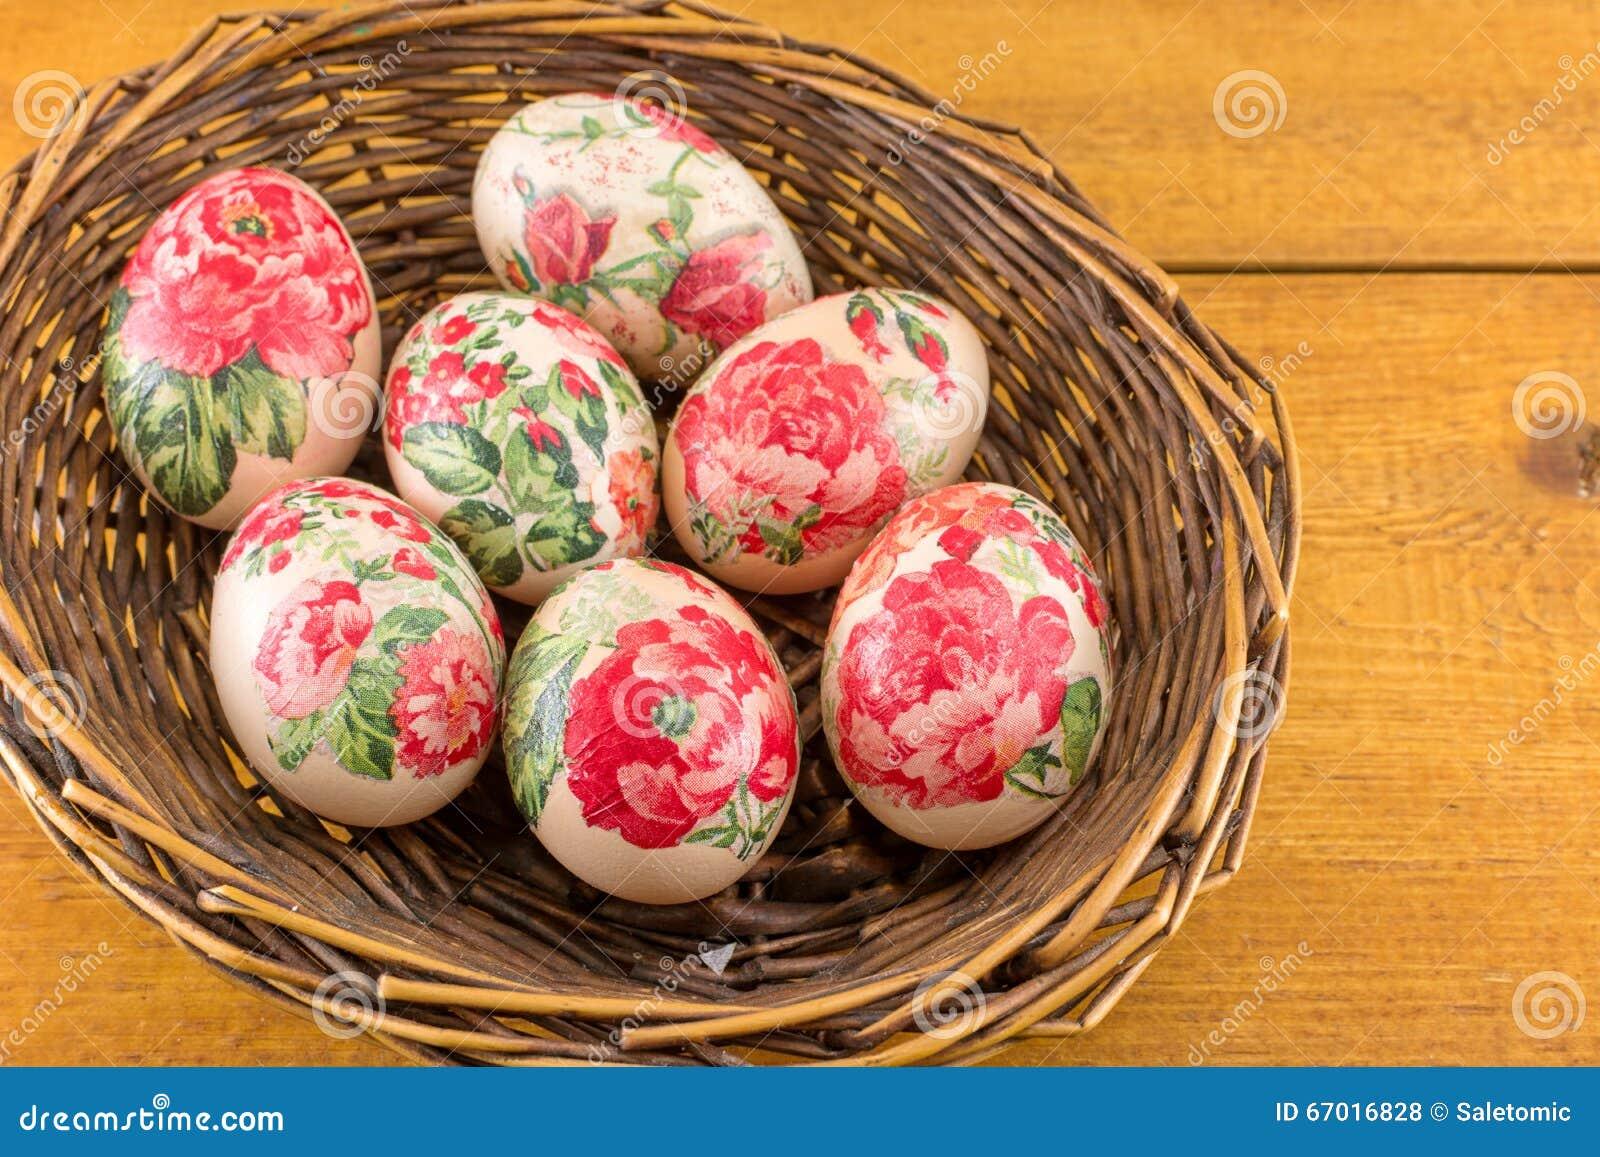 Uova di pasqua decorate in un canestro fotografia stock - Pasqua uova decorate ...